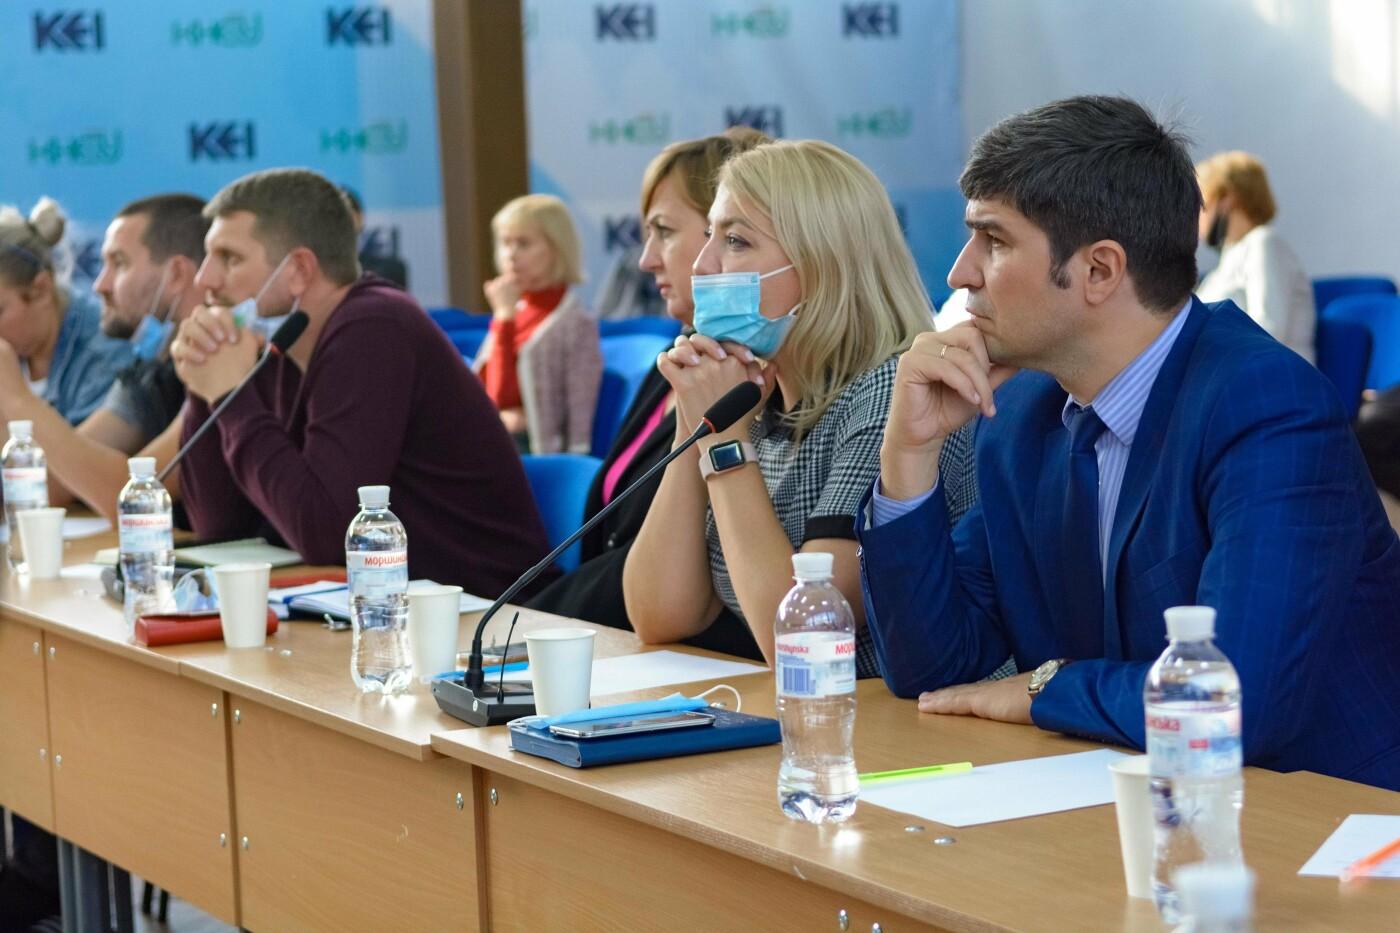 Проєкти Народної програми Дмитра Шевчика: працевлаштування для талановитої молоді, фото-1